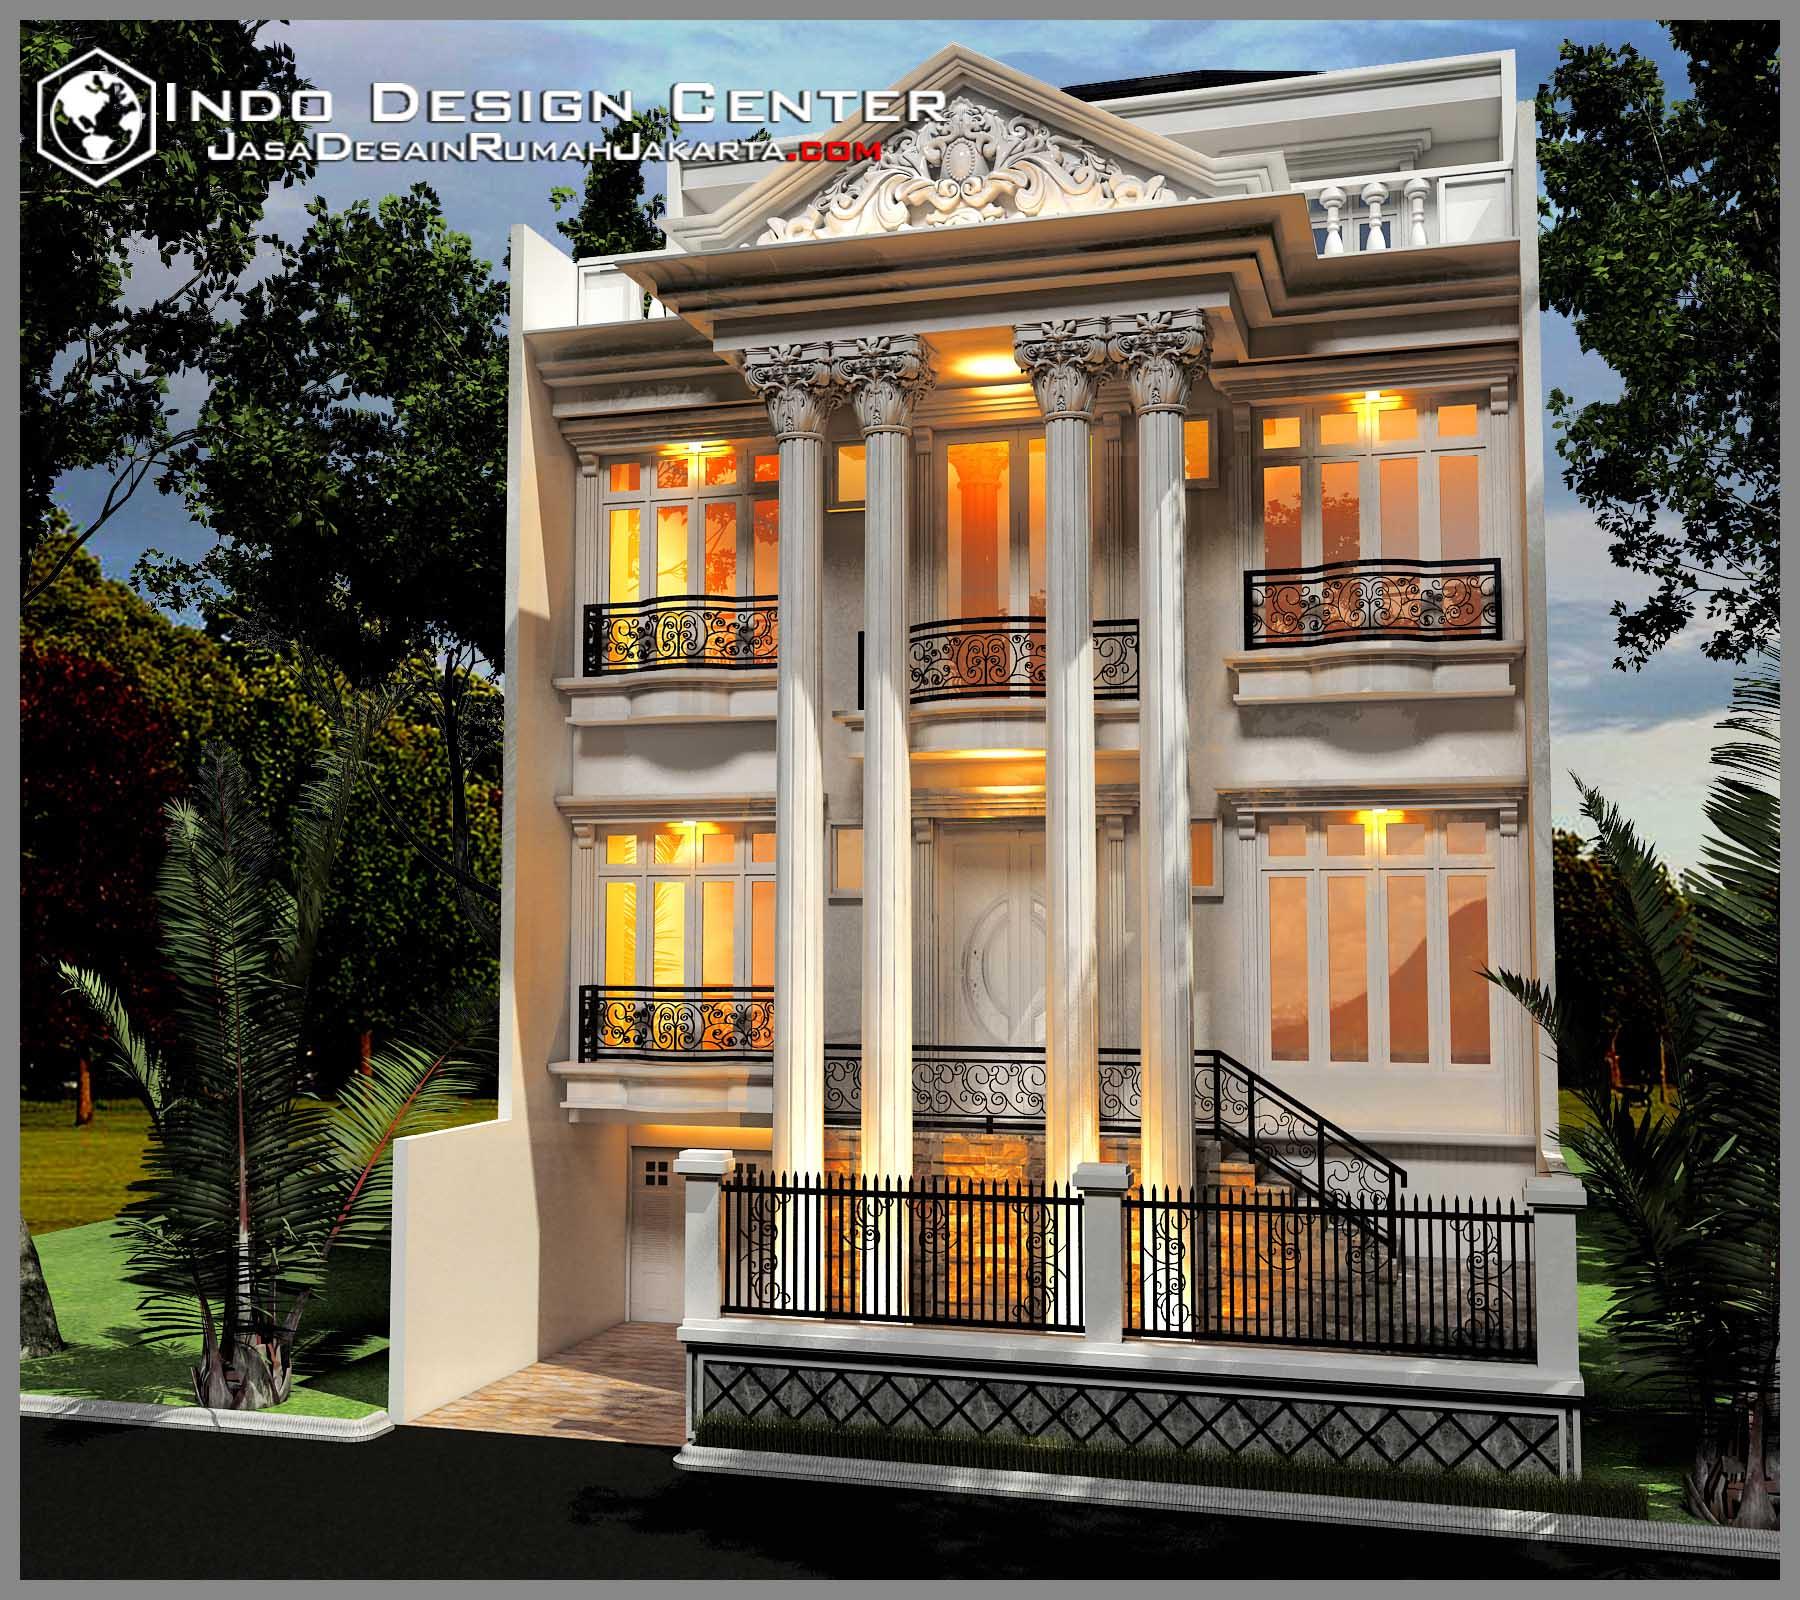 Gambar Rumah Mewah Mediterania, Jasa Desain Rumah Jakarta